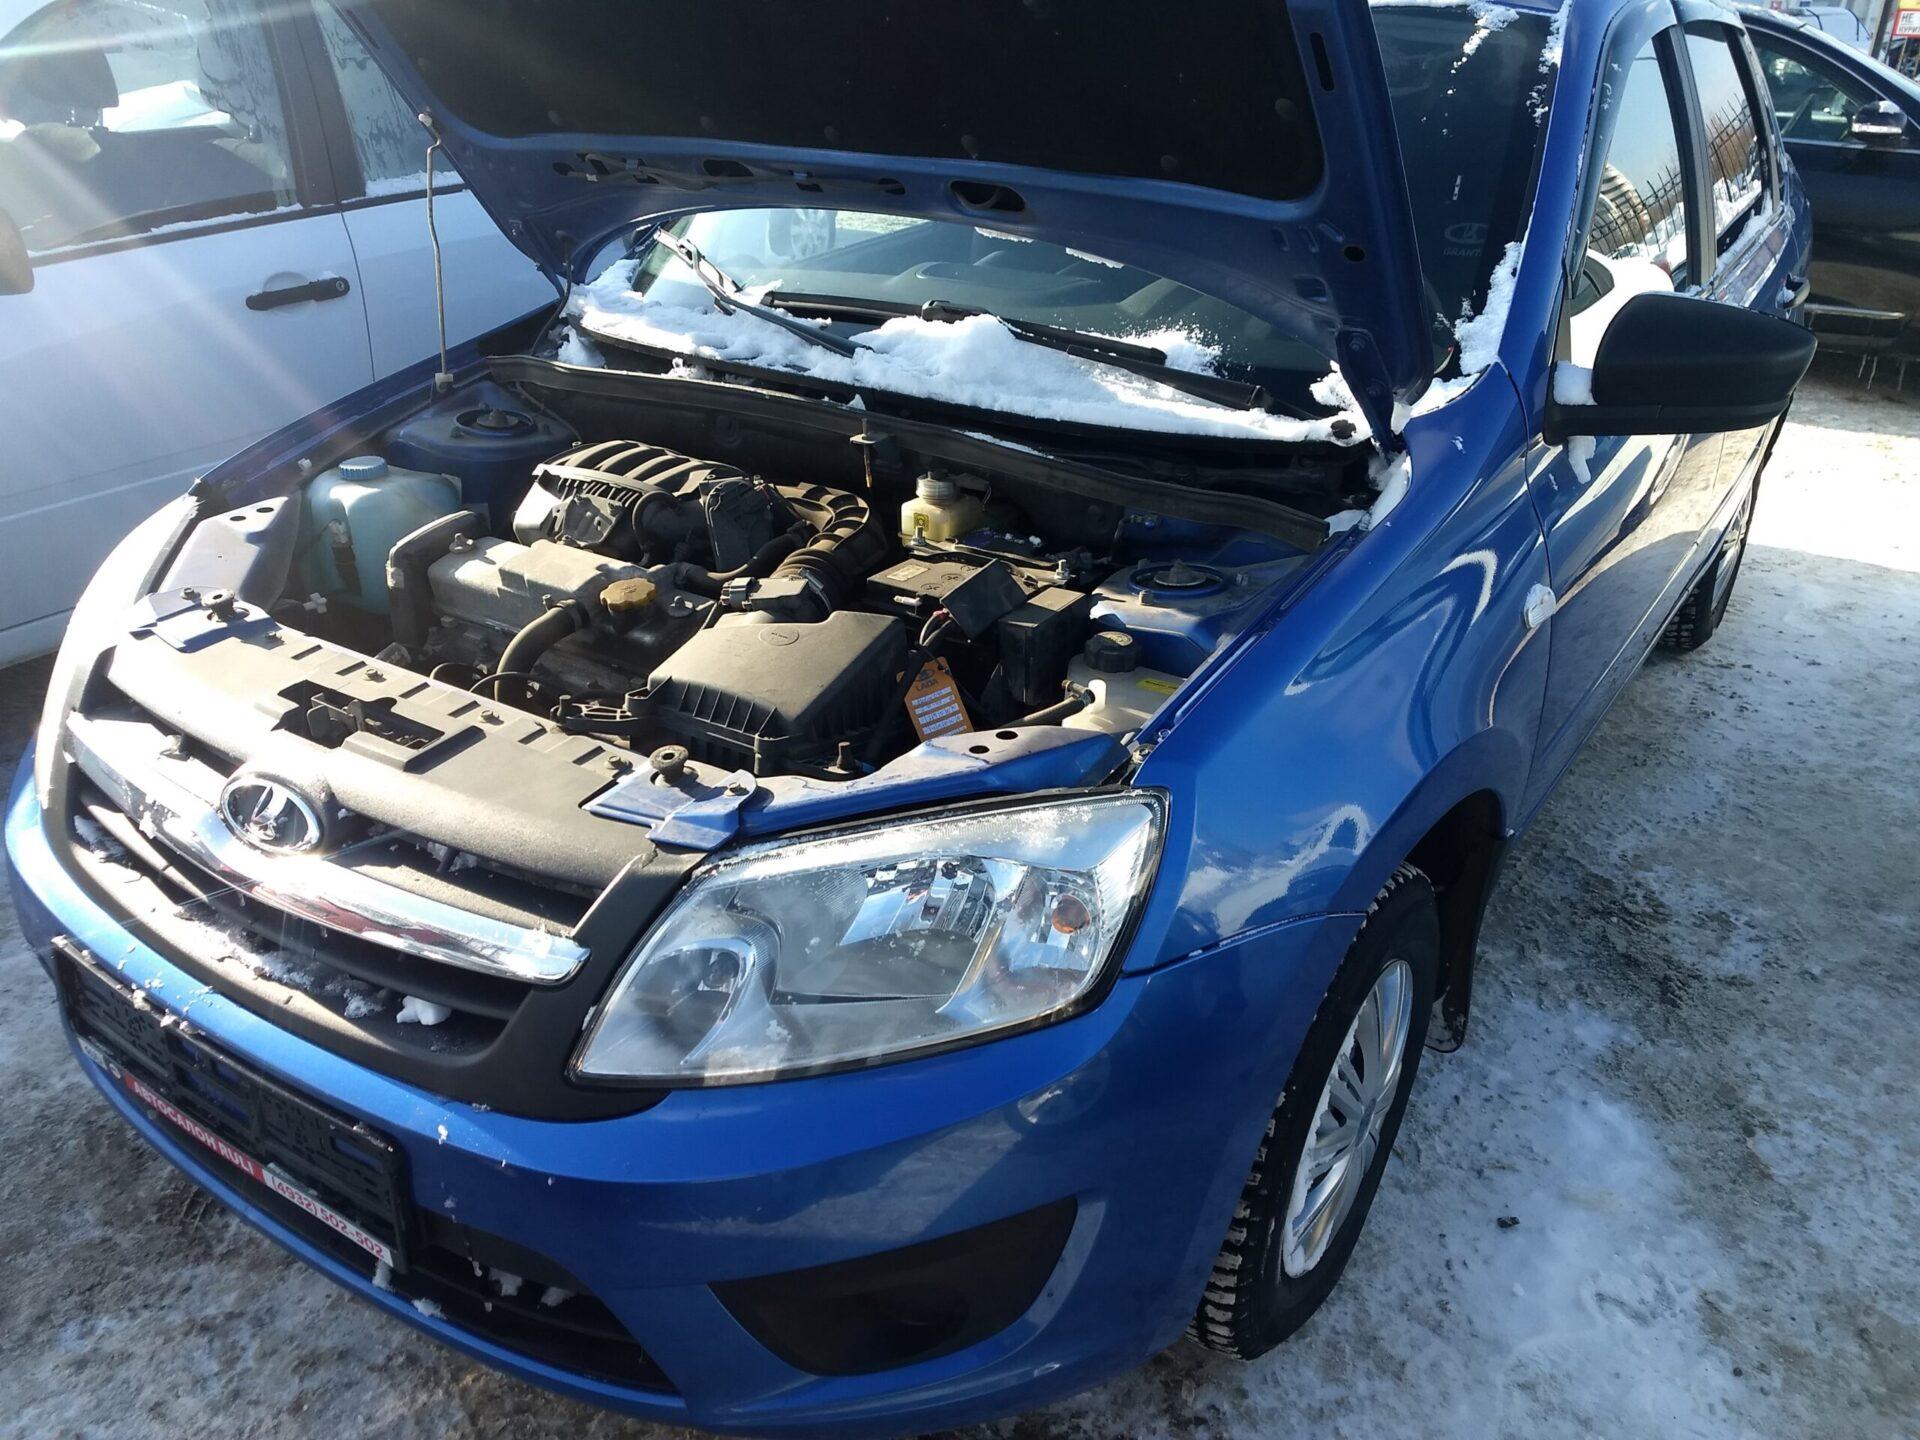 АвтоВАЗ успокоил любителей LADA: автомобили до 1 млн рублей останутся в новой линейке